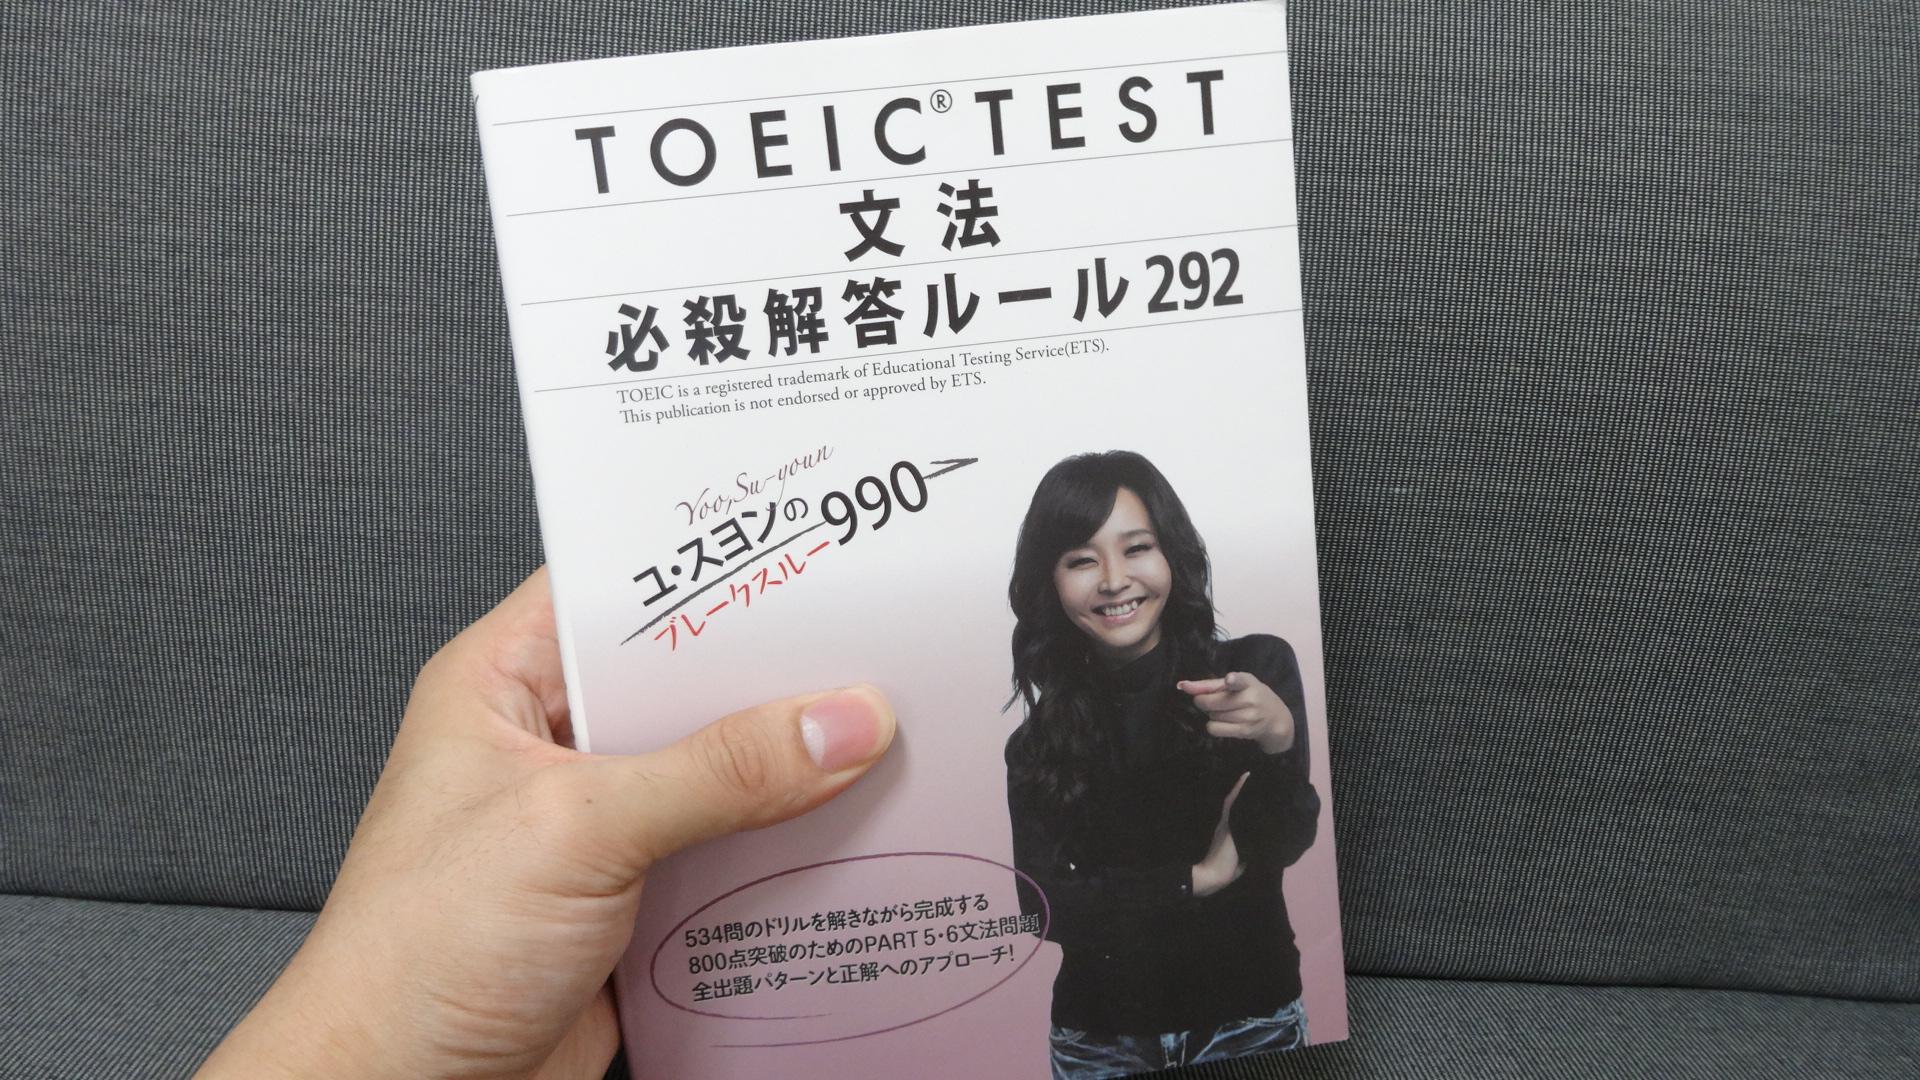 「ユ・スヨンのブレークスルー990 TOEIC® TEST 文法 必殺解答ルール292」の感想・レビュー ②